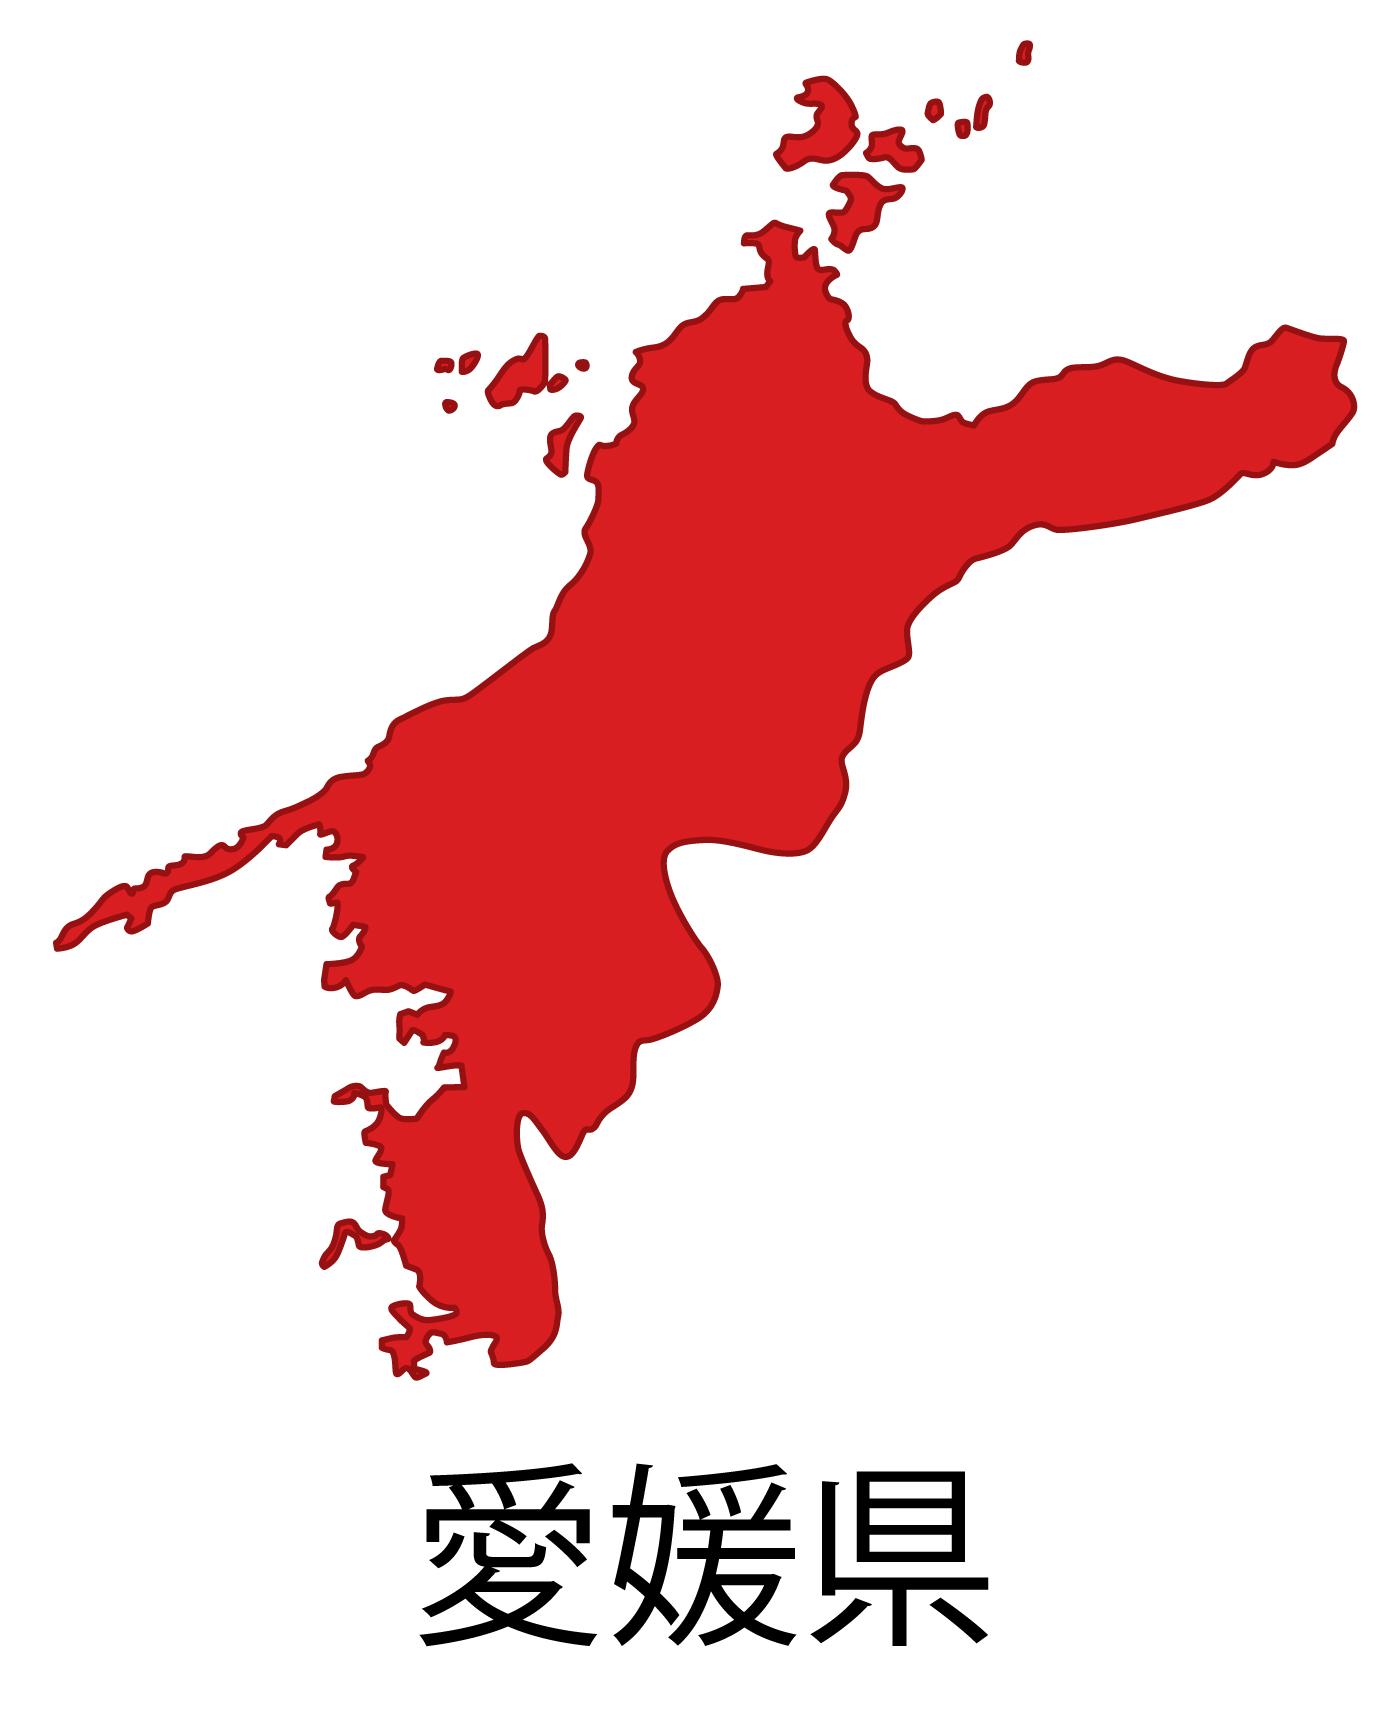 愛媛県無料フリーイラスト|日本語・都道府県名あり(赤)